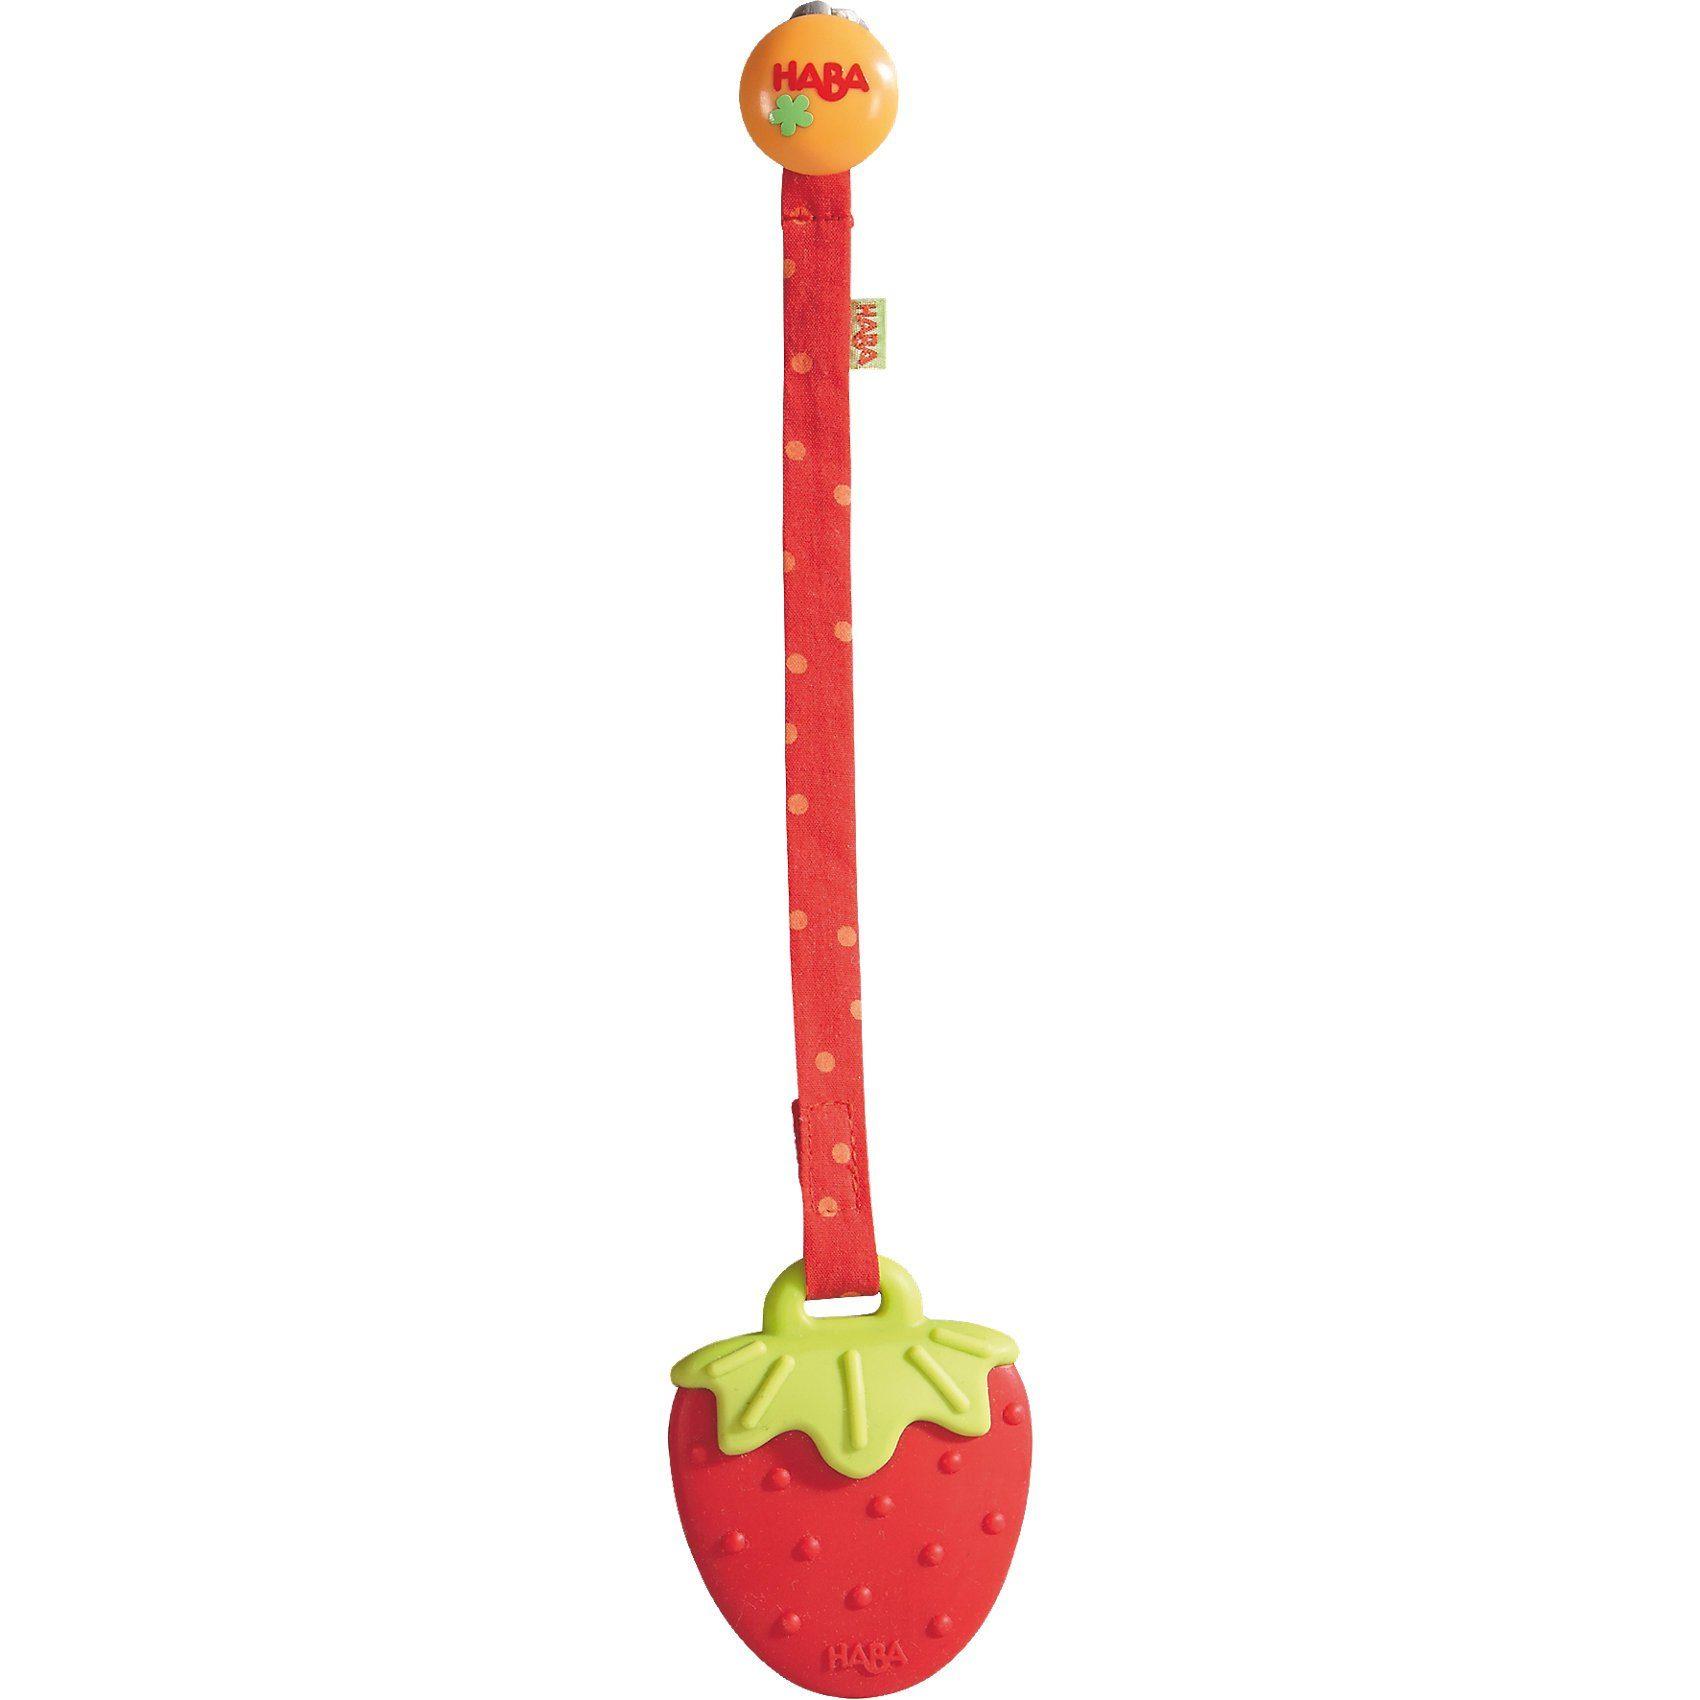 Haba Beißring Erdbeere (Zahnungshilfe)